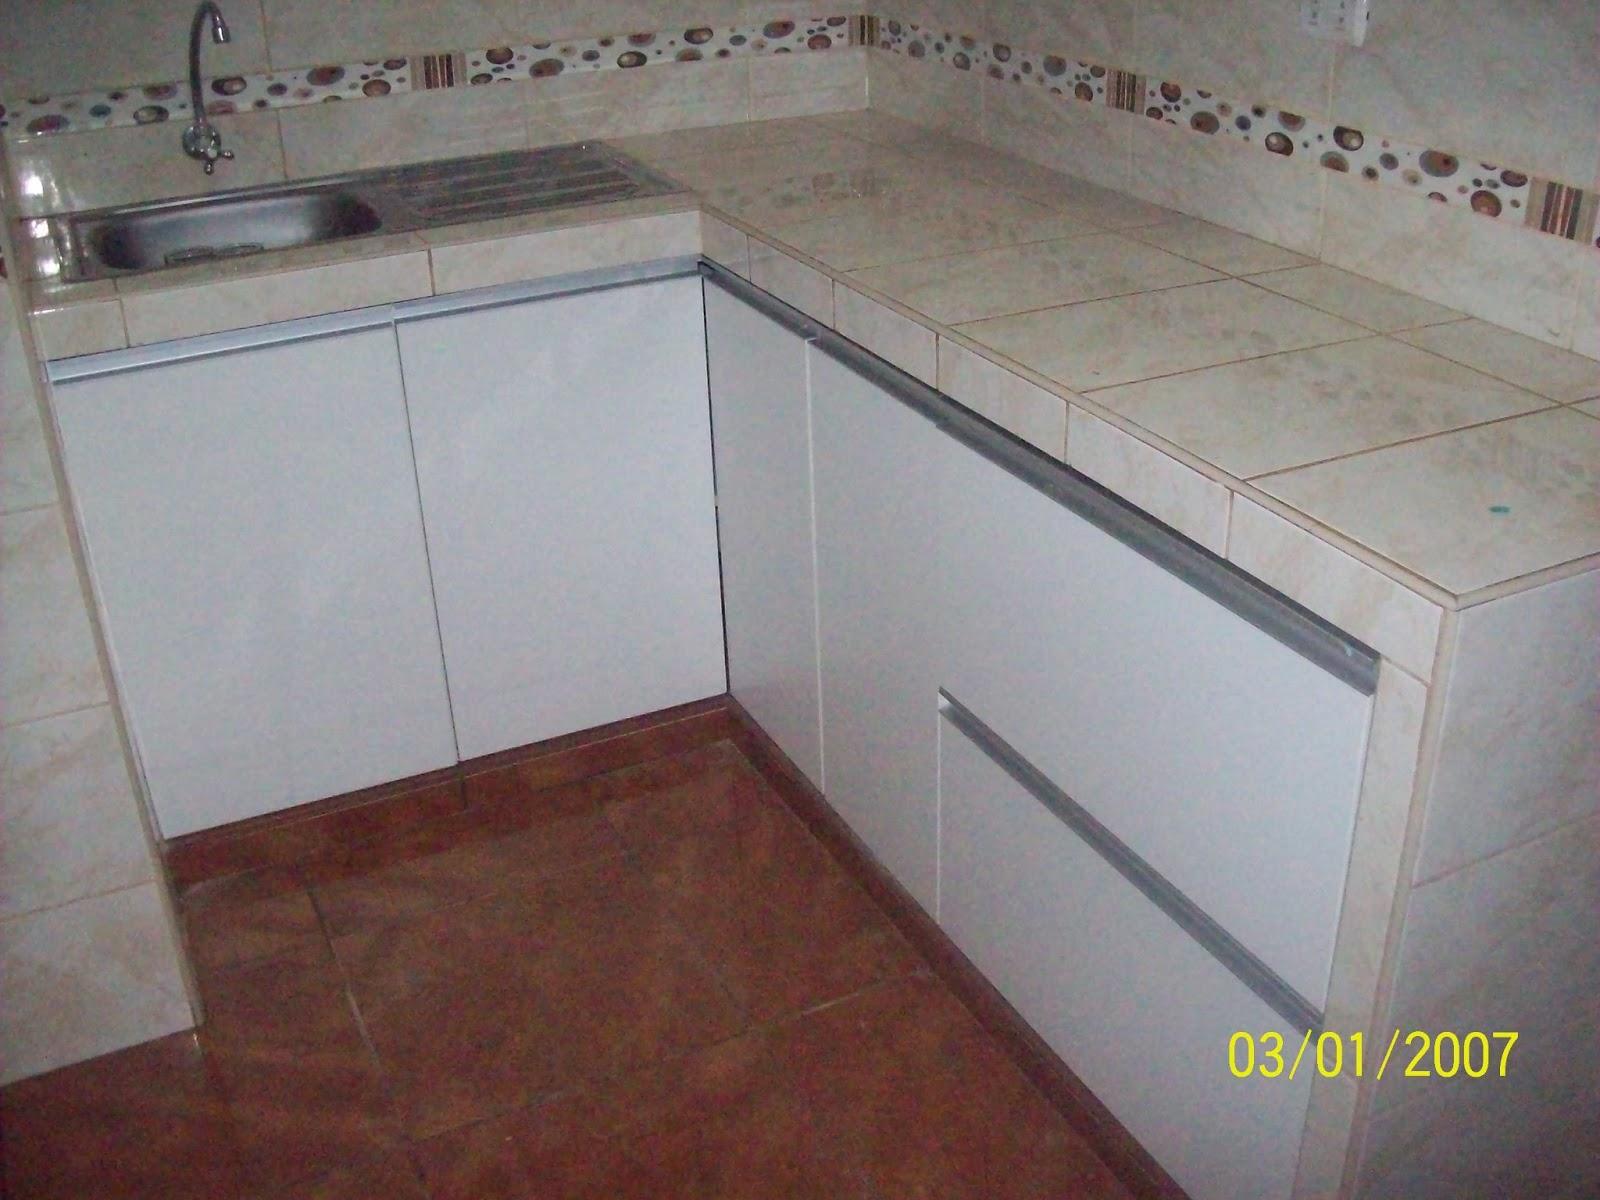 E y g proyectos integrales muebles en melamina aluminio y vidrio muebles de cocina - Muebles de cocina de aluminio ...